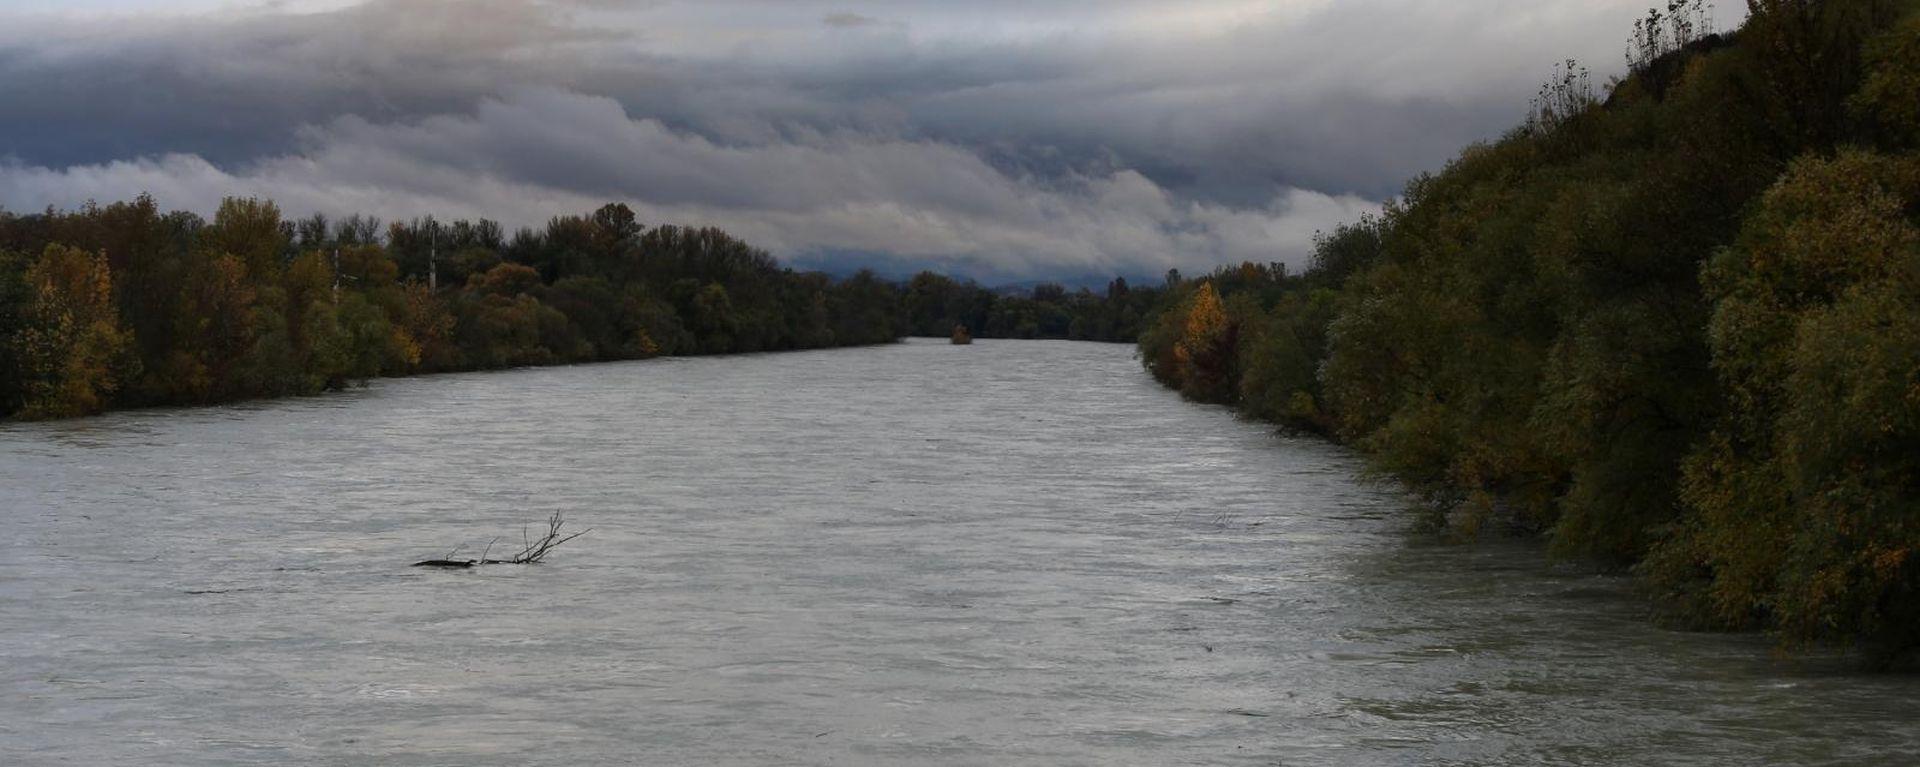 Prije 54 godine Zagreb pogodila katastrofalna poplava